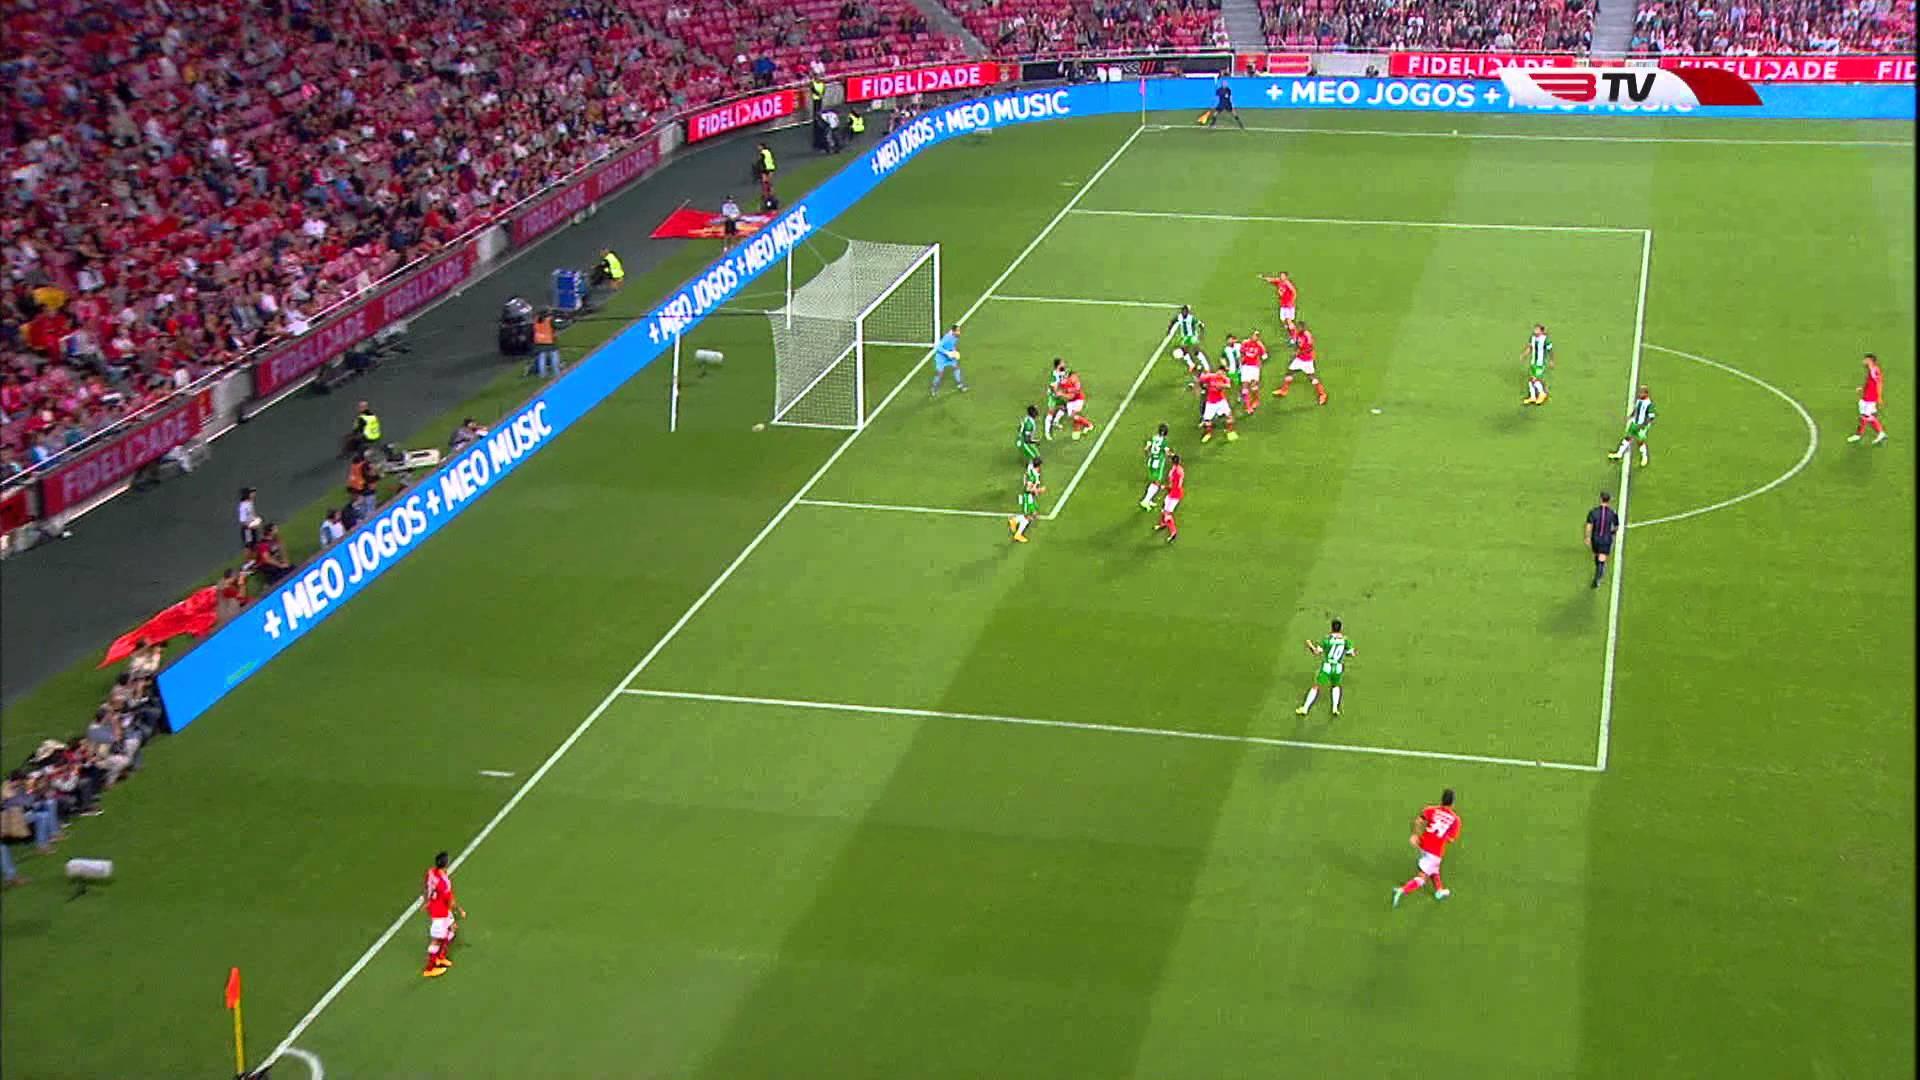 Jogos do Benfica e Sporting garantidos na Vodafone e Cabovisão. E na Meo? — idealista/news